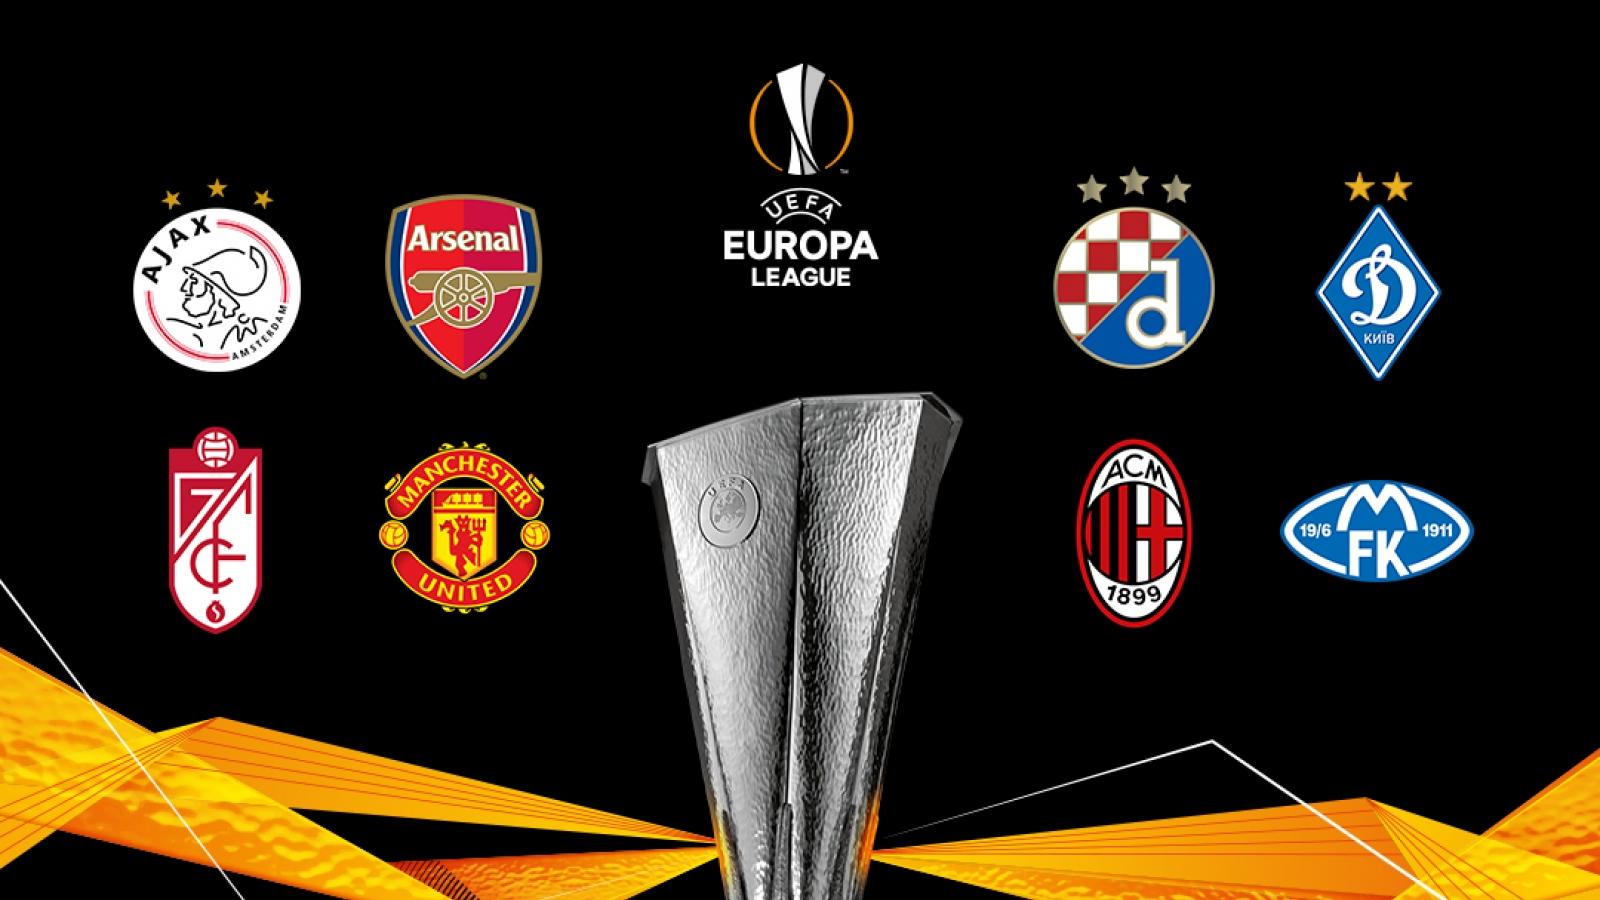 Điểm danh 16 đội bóng giành vé vào vòng 1/8 Europa League 2020/2021